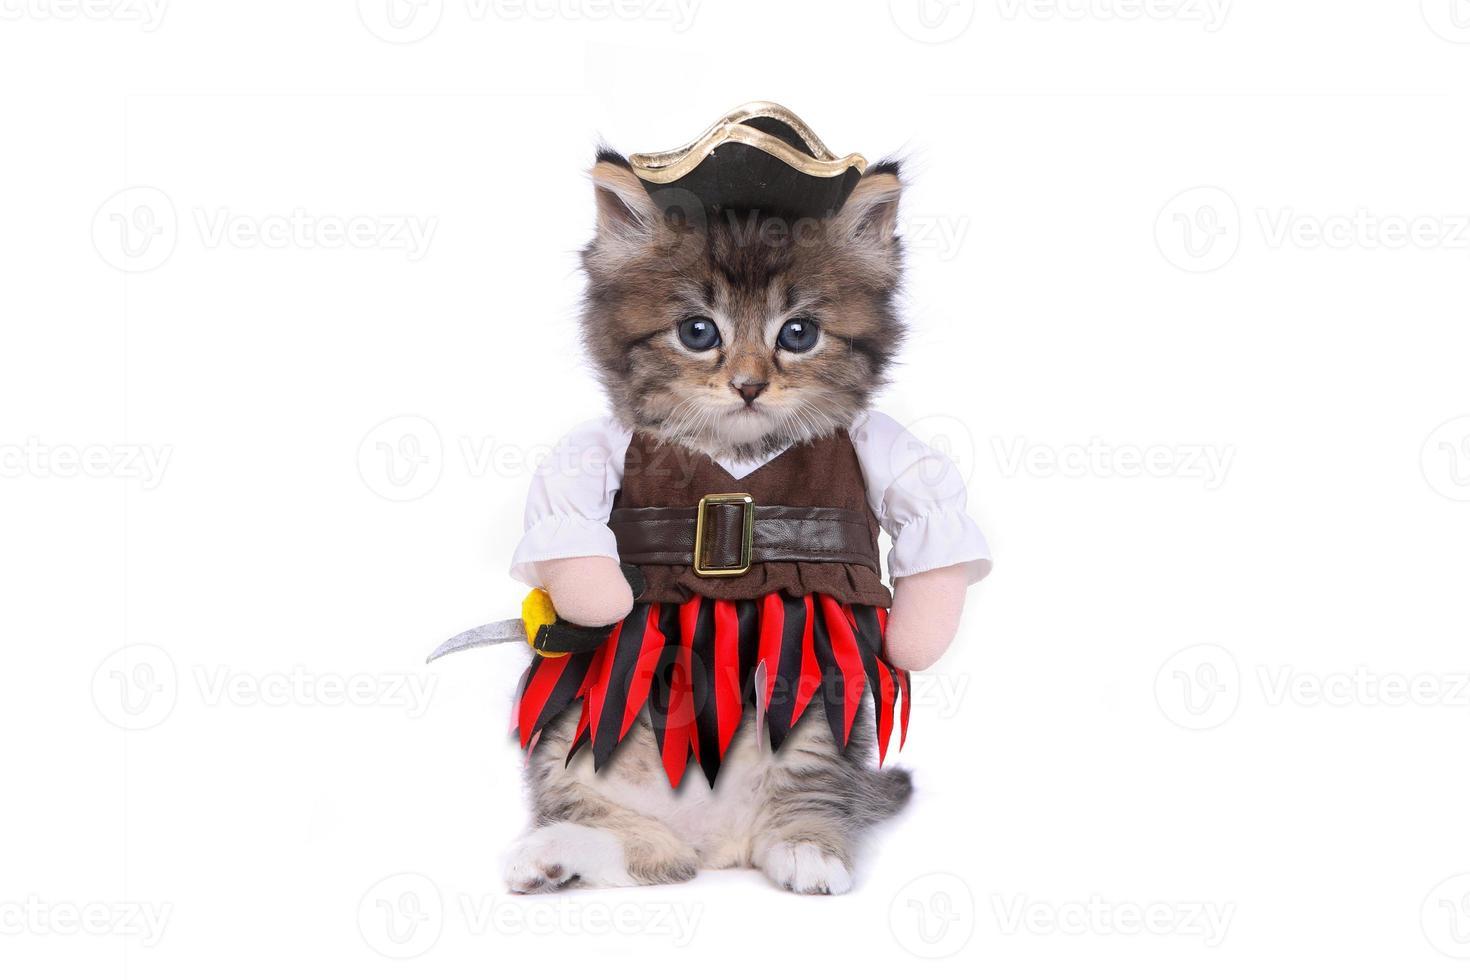 seriös kattunge i piratinspirerad kläddräkt foto